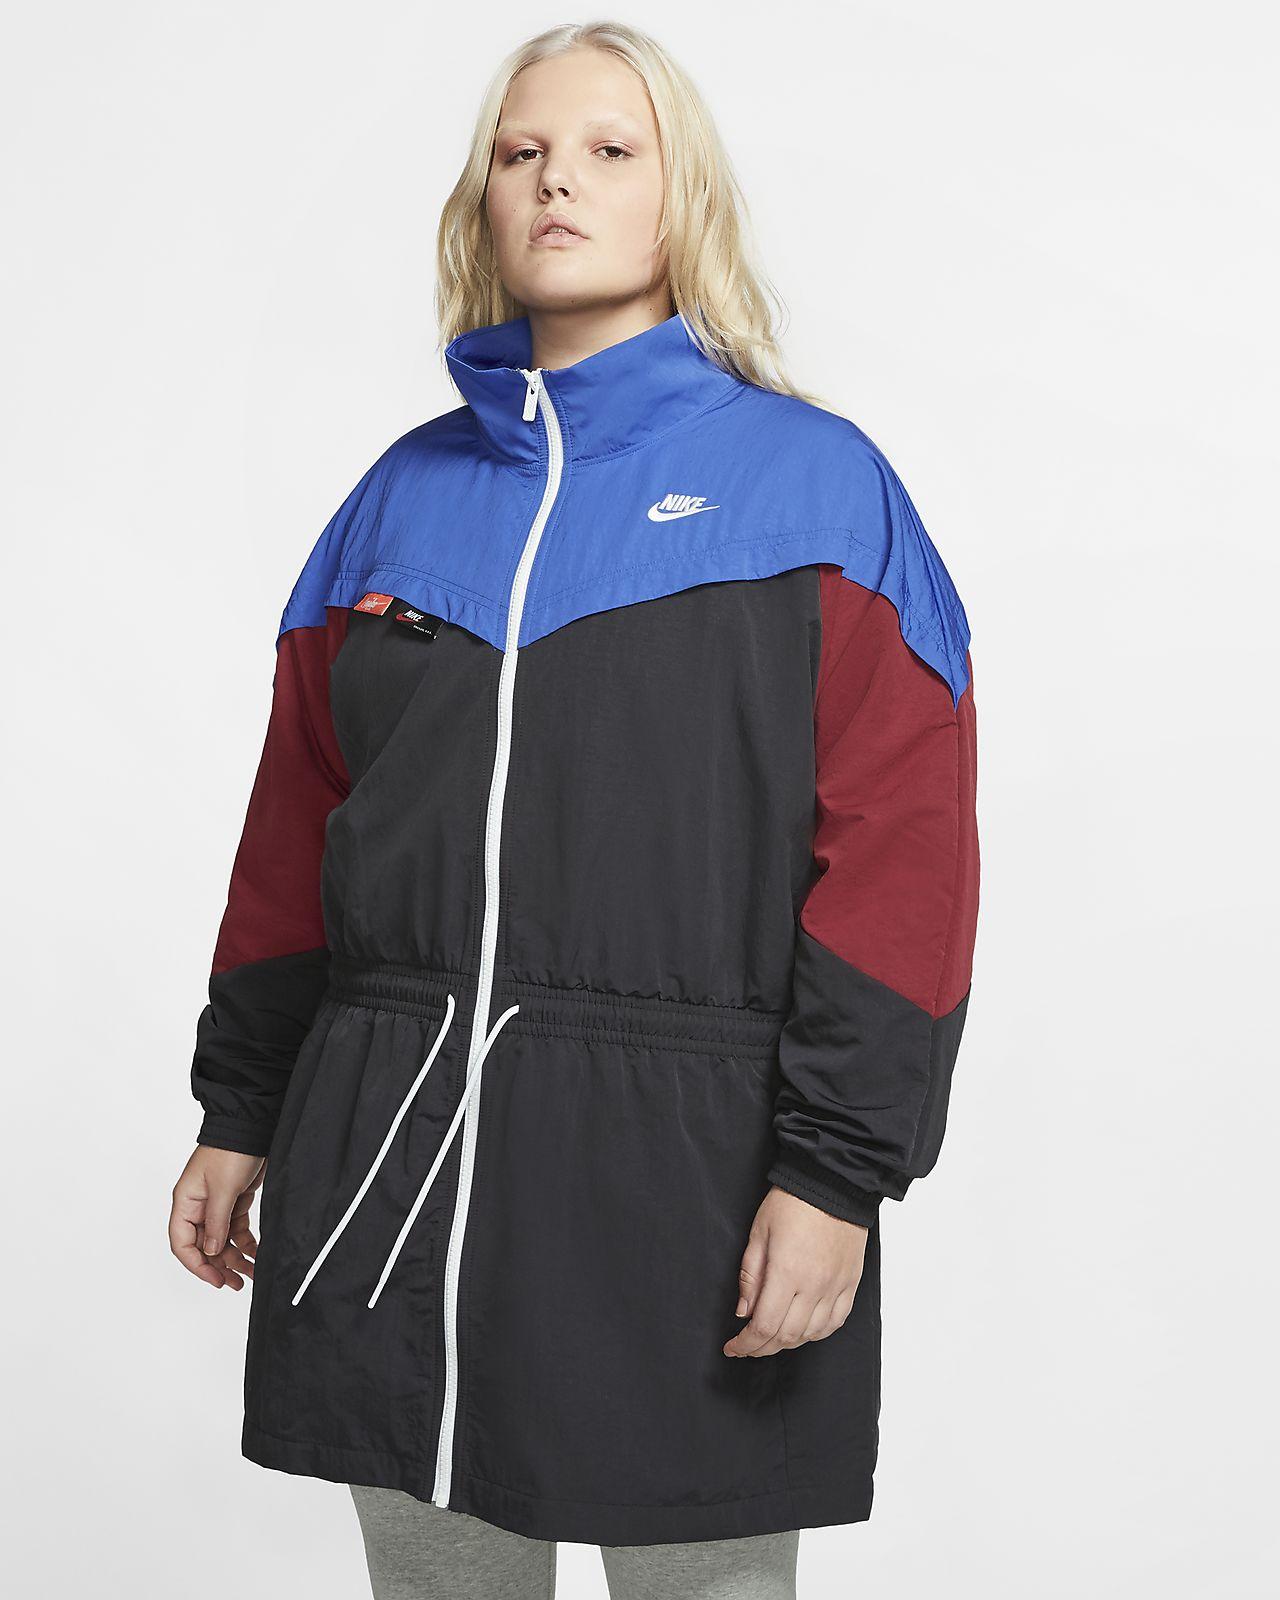 Nike Sportswear Women's Woven Track Jacket (Plus Size)